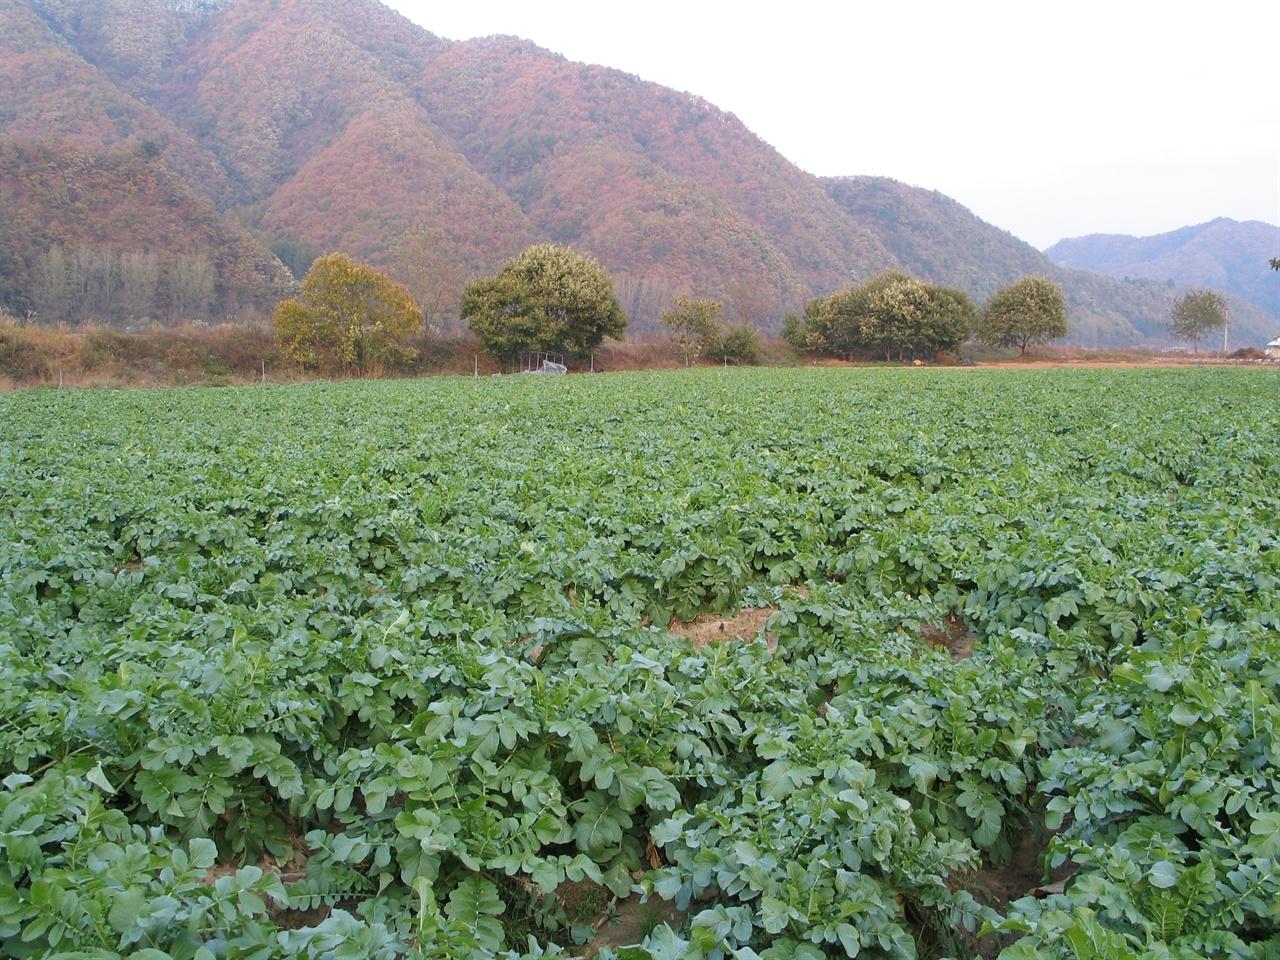 무밭 전경 10월 하순경 찍은 무밭 전경 좀 더 자라면 김장용 무로 수확한다.